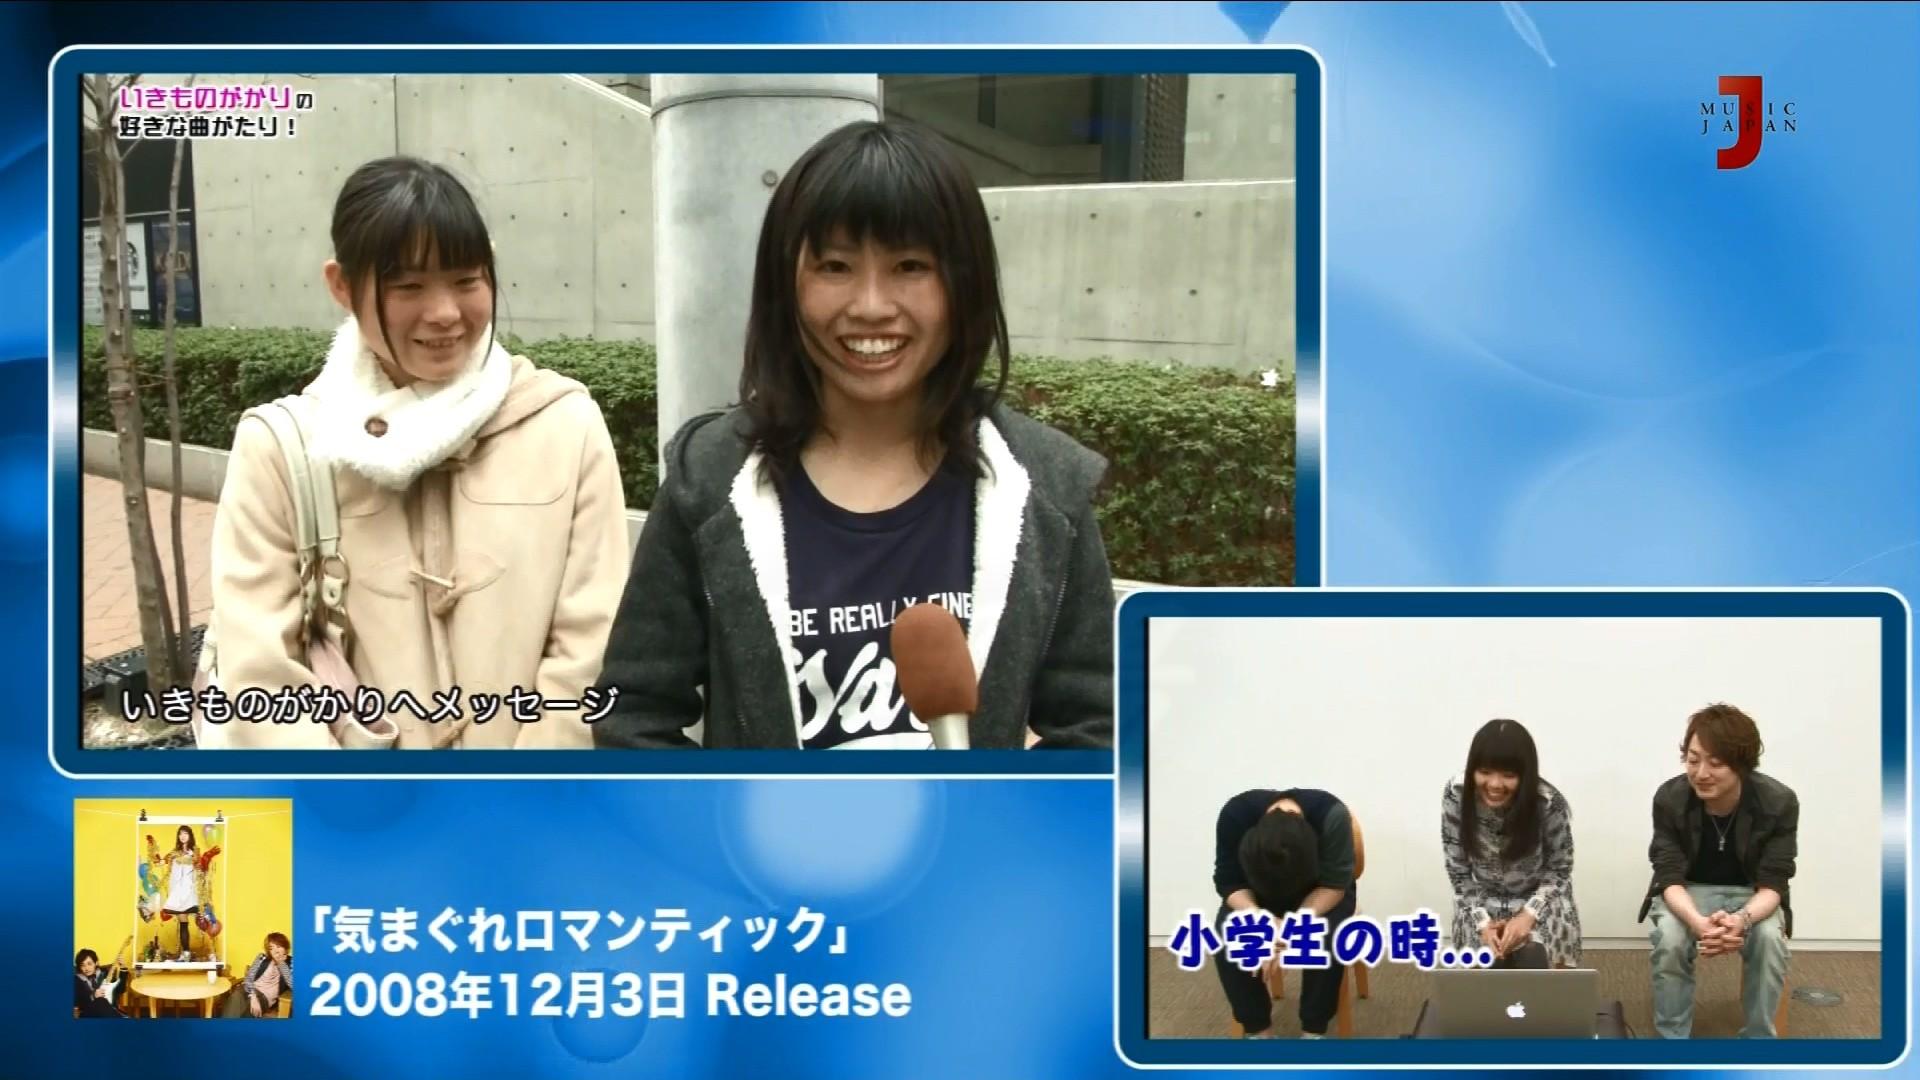 2016.05.07 いきものがかり スペシャル(MJTV).ts_20160507_193130.287